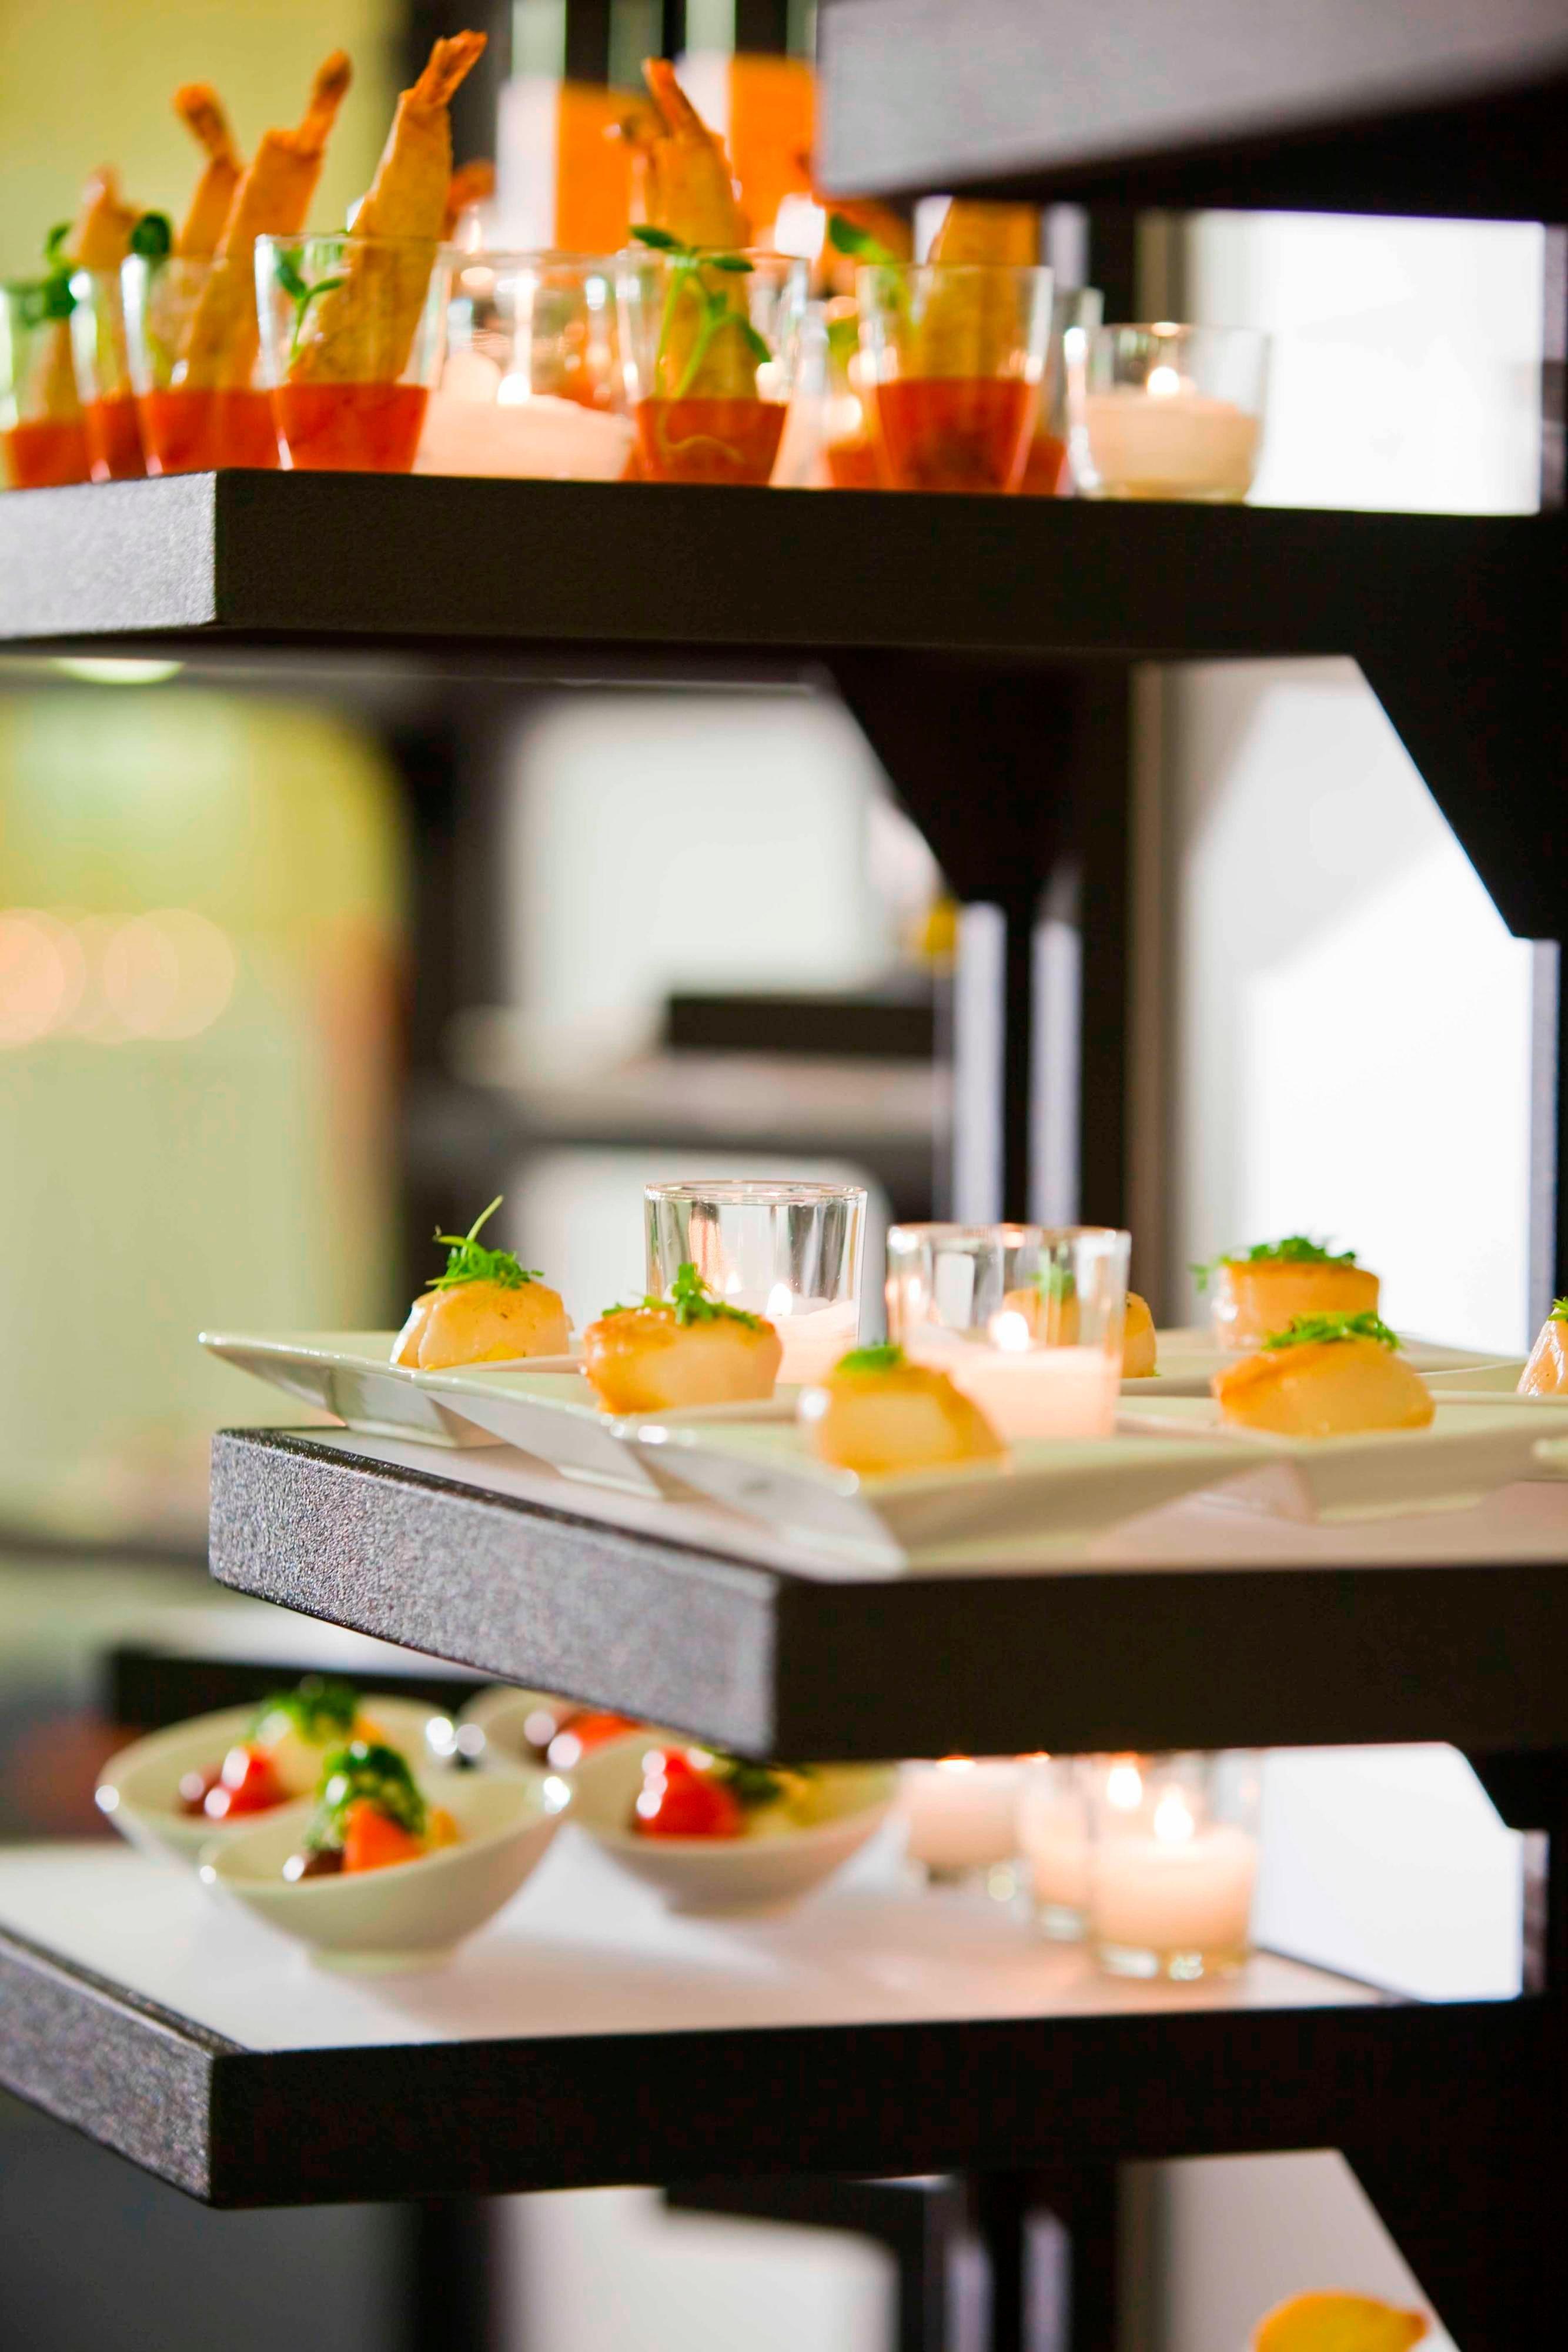 Marriott culinary delights